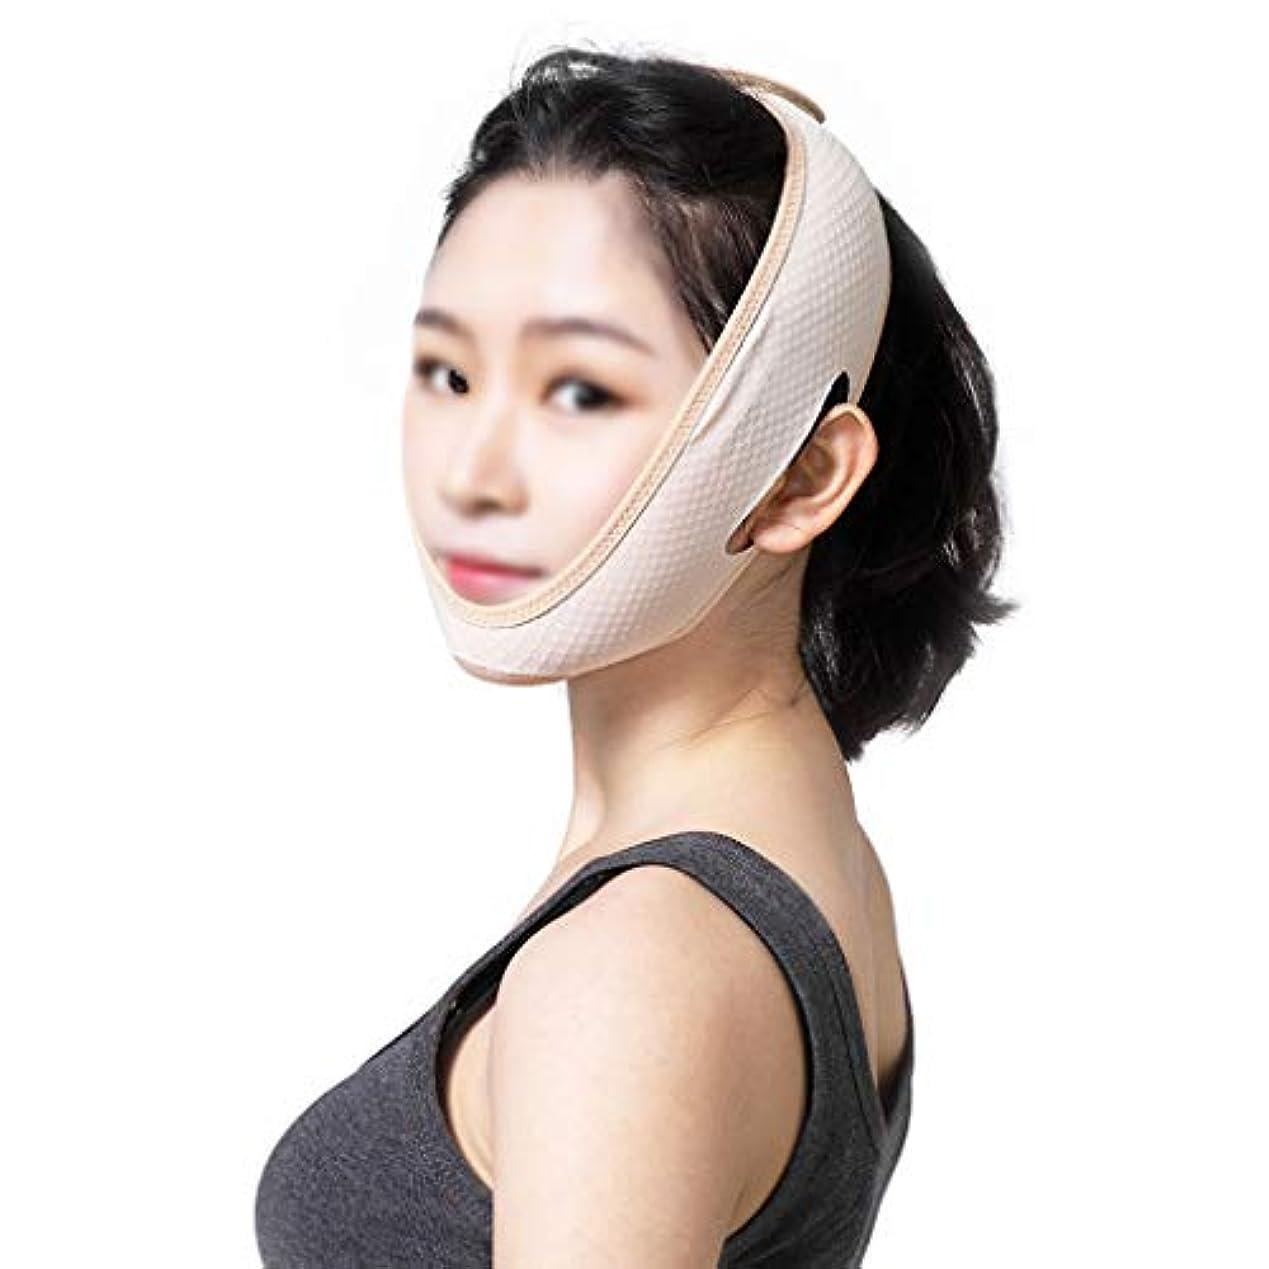 債権者ローラーぴかぴかTLMY 顔面リフティング包帯術後回復マスクリフティング包帯薄い顔アーティファクトは、小さなV顔を作成する 顔用整形マスク